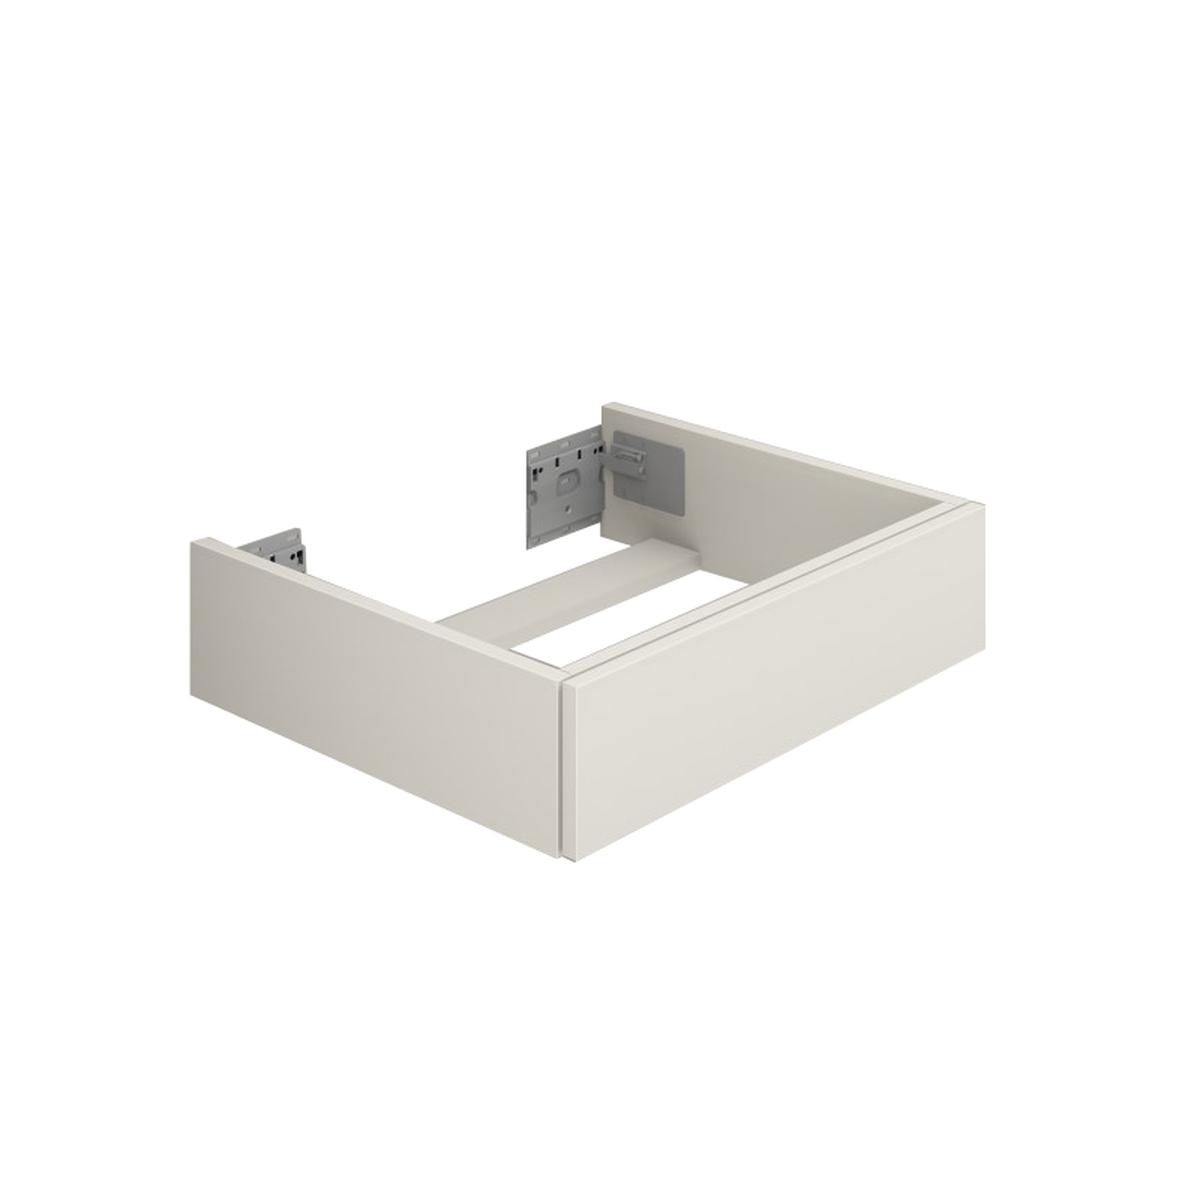 waschtischunterschrank nach ma mit blende 16 cm h he. Black Bedroom Furniture Sets. Home Design Ideas